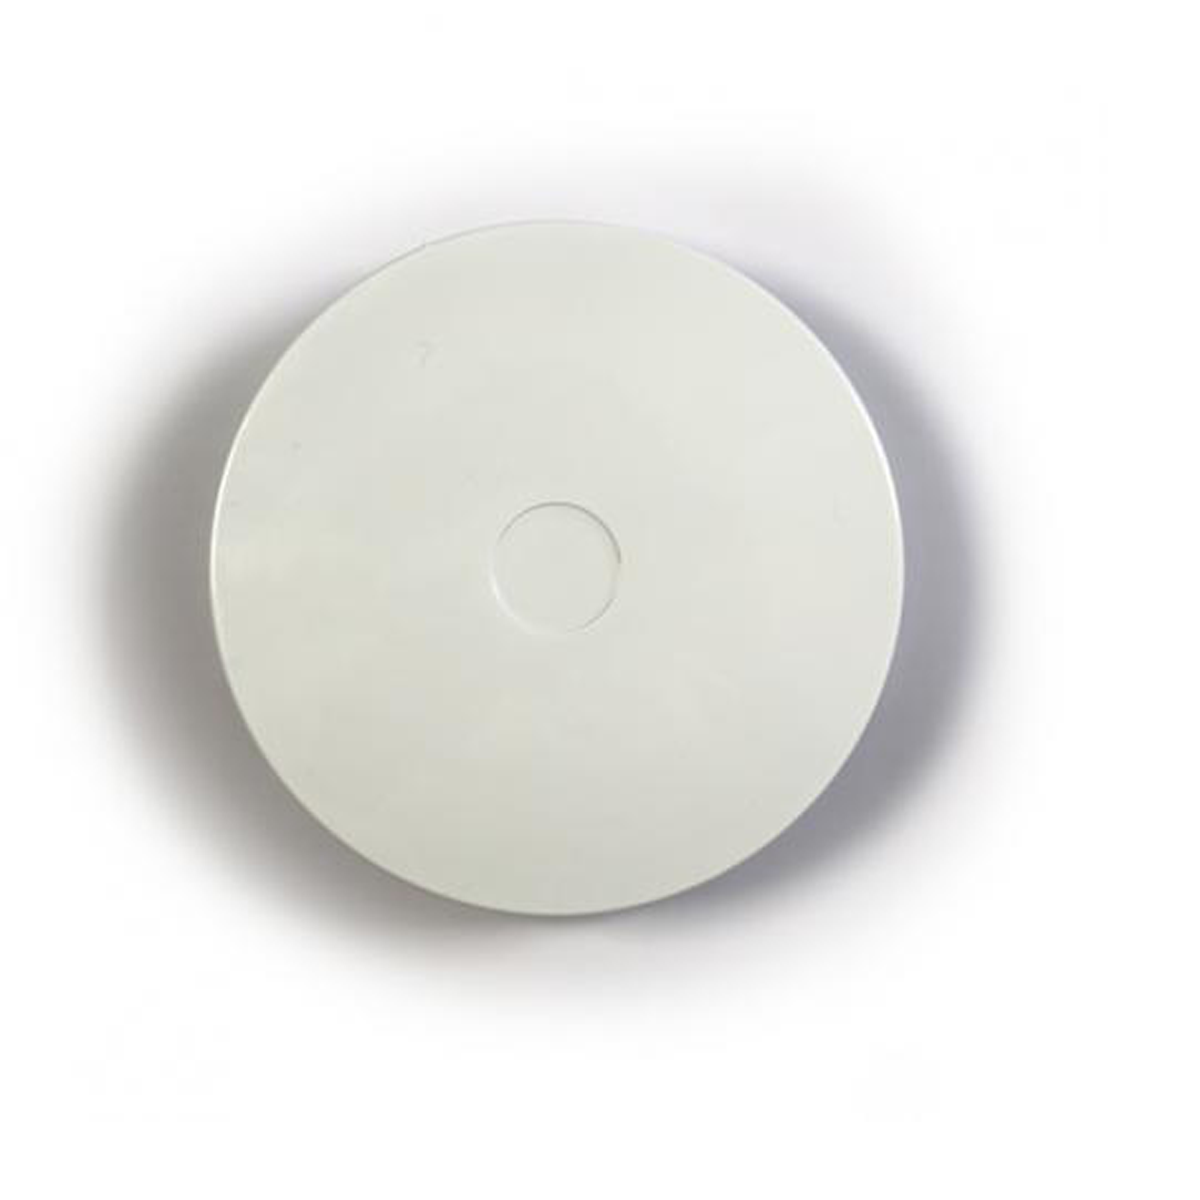 Sirene Convencional ótico-acústica Branca